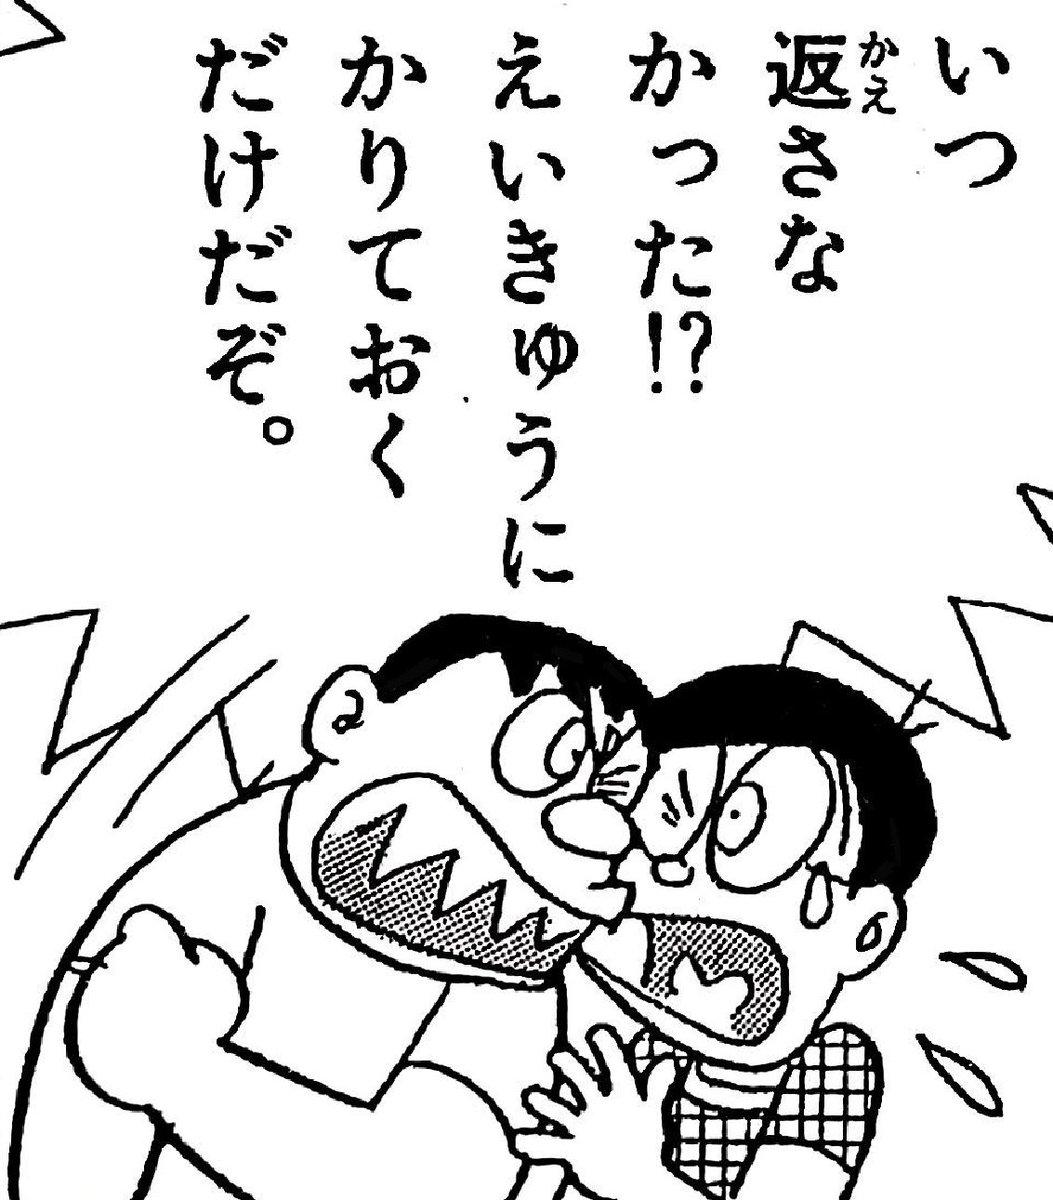 """おおいし on Twitter: """"屈指の名言 「いつかえさなかった!? 永久に ..."""